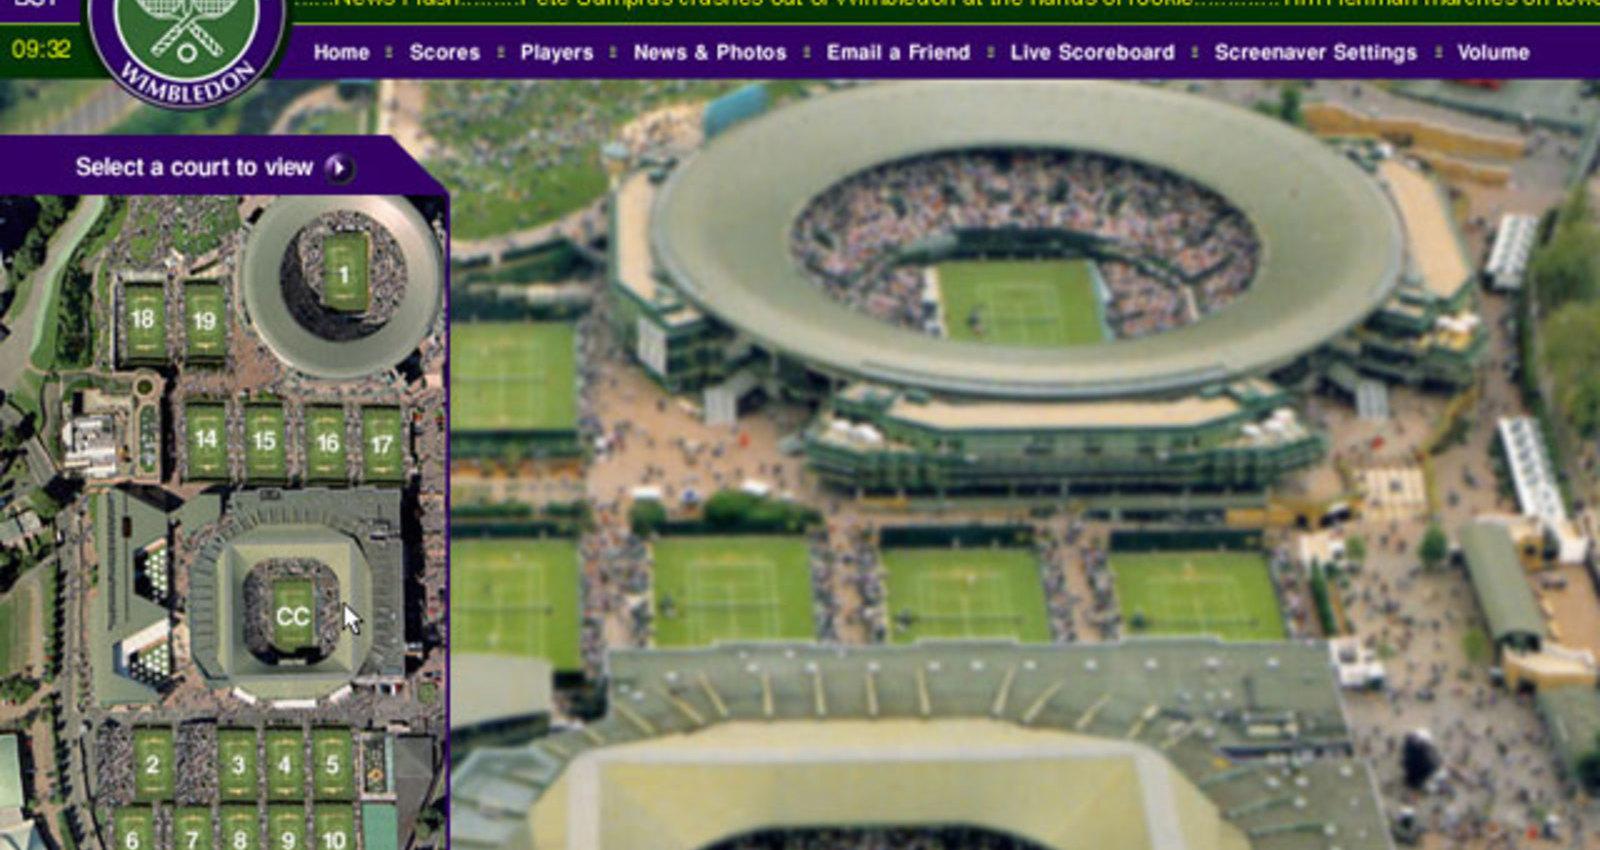 Wimbledon 2003 Screen Saver